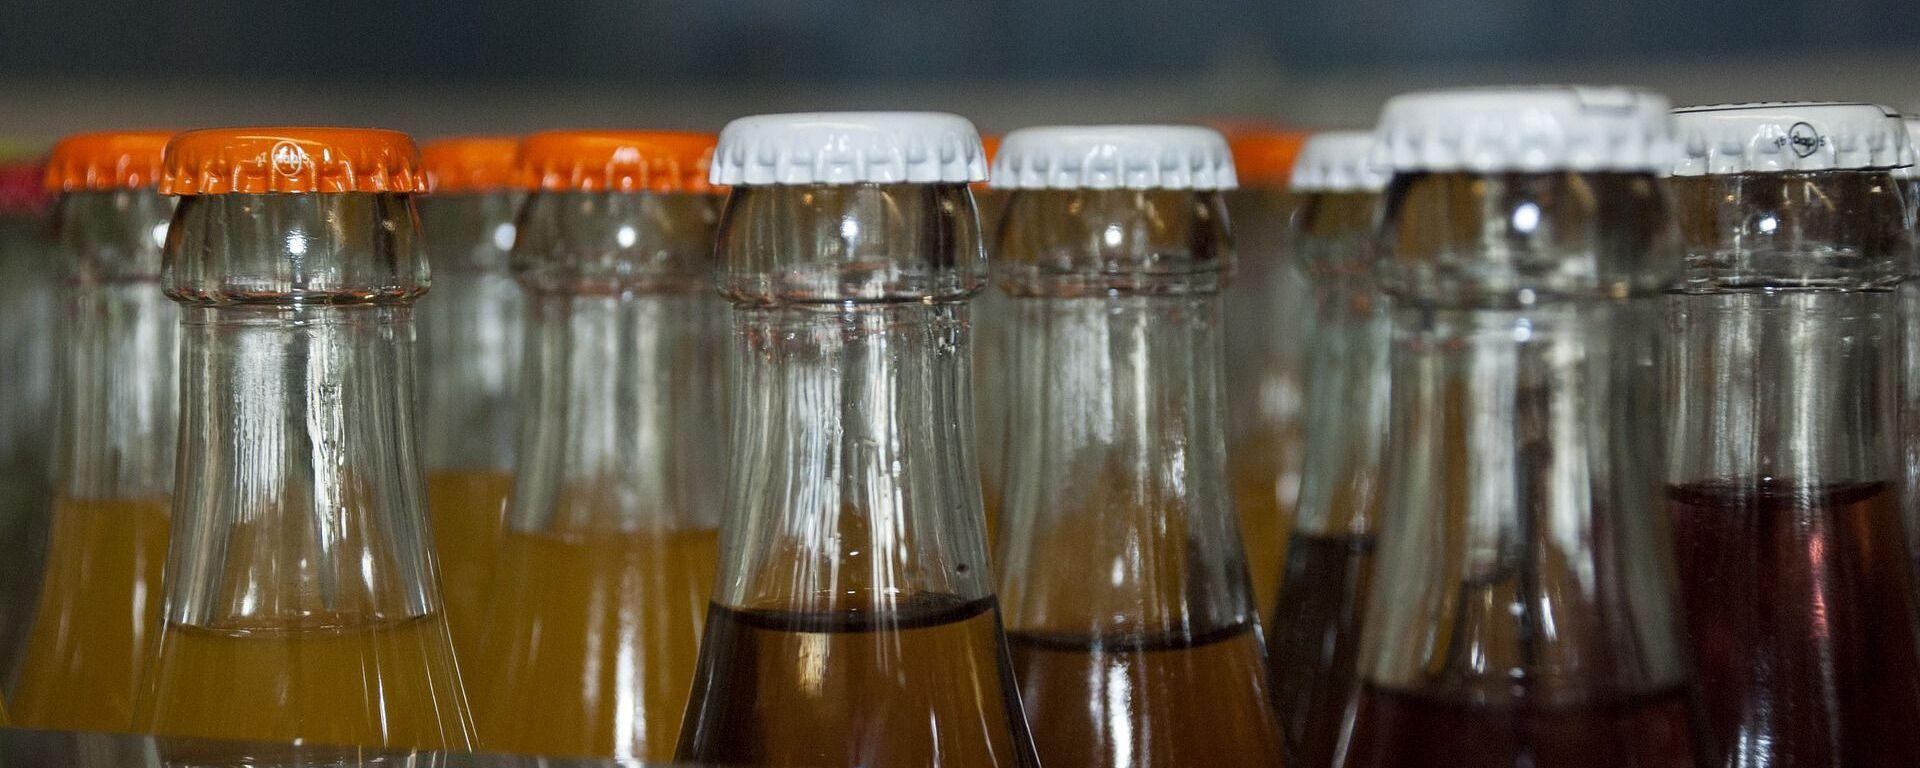 Μπουκάλια με αναψυκτικό - Sputnik Ελλάδα, 1920, 05.10.2021